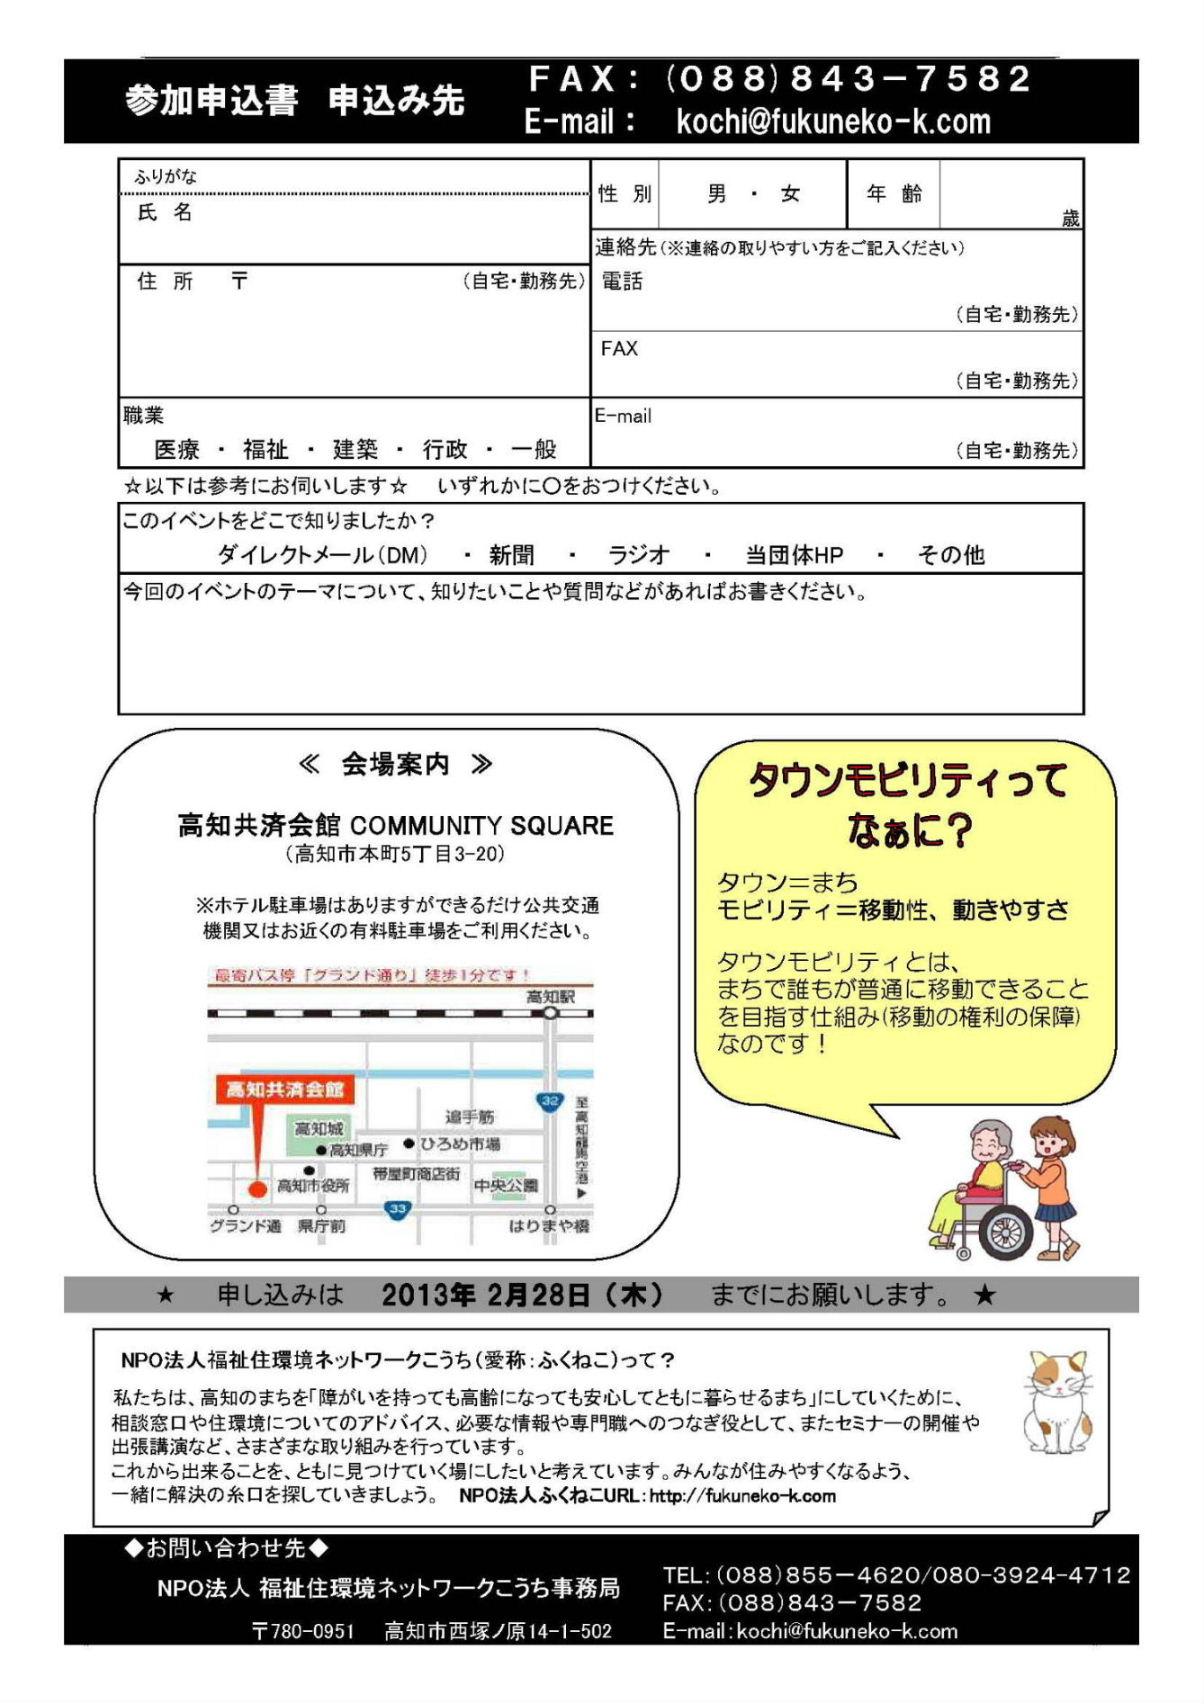 2013TM ちらしページ_2